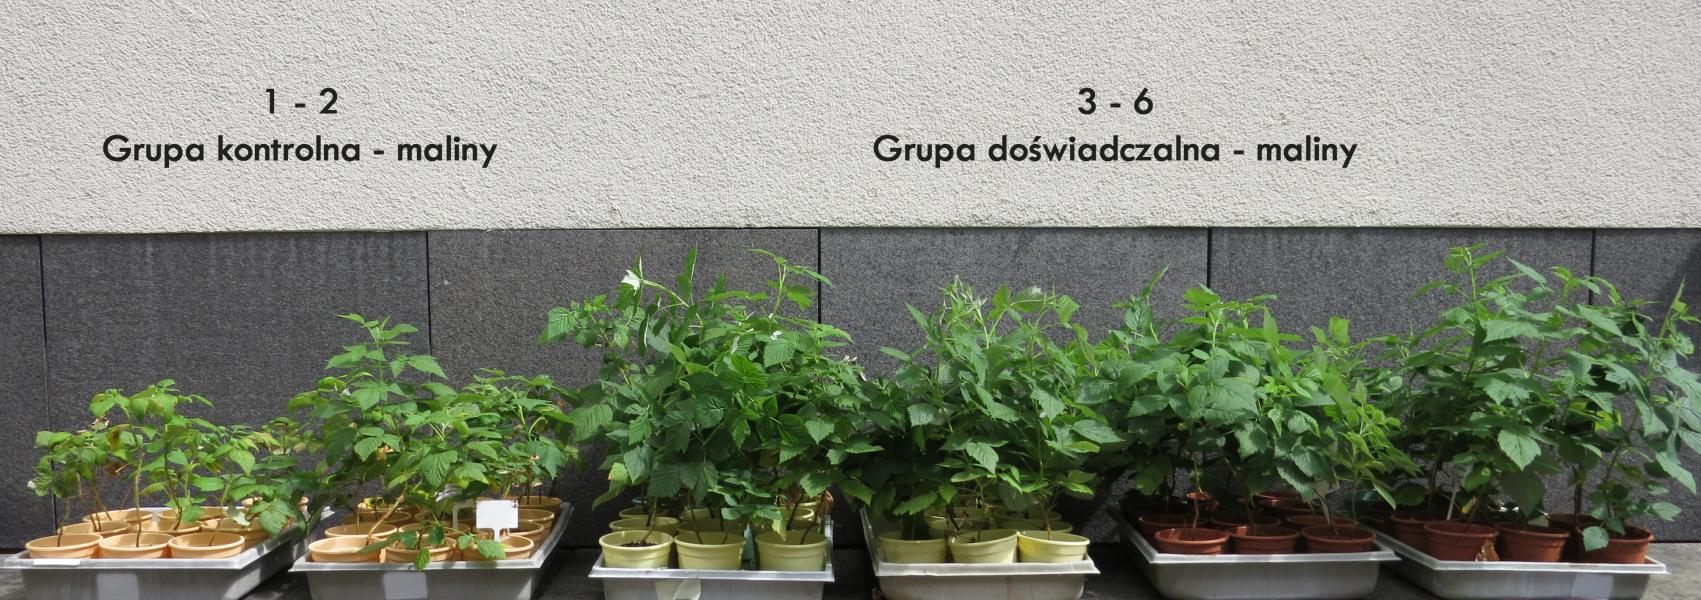 Porównanie grupy sadzonek malin. Sadzonki z grupy doświadczalnej są znacząco większe i bujniejsze w porównaniu do grupy kontrolnej.=